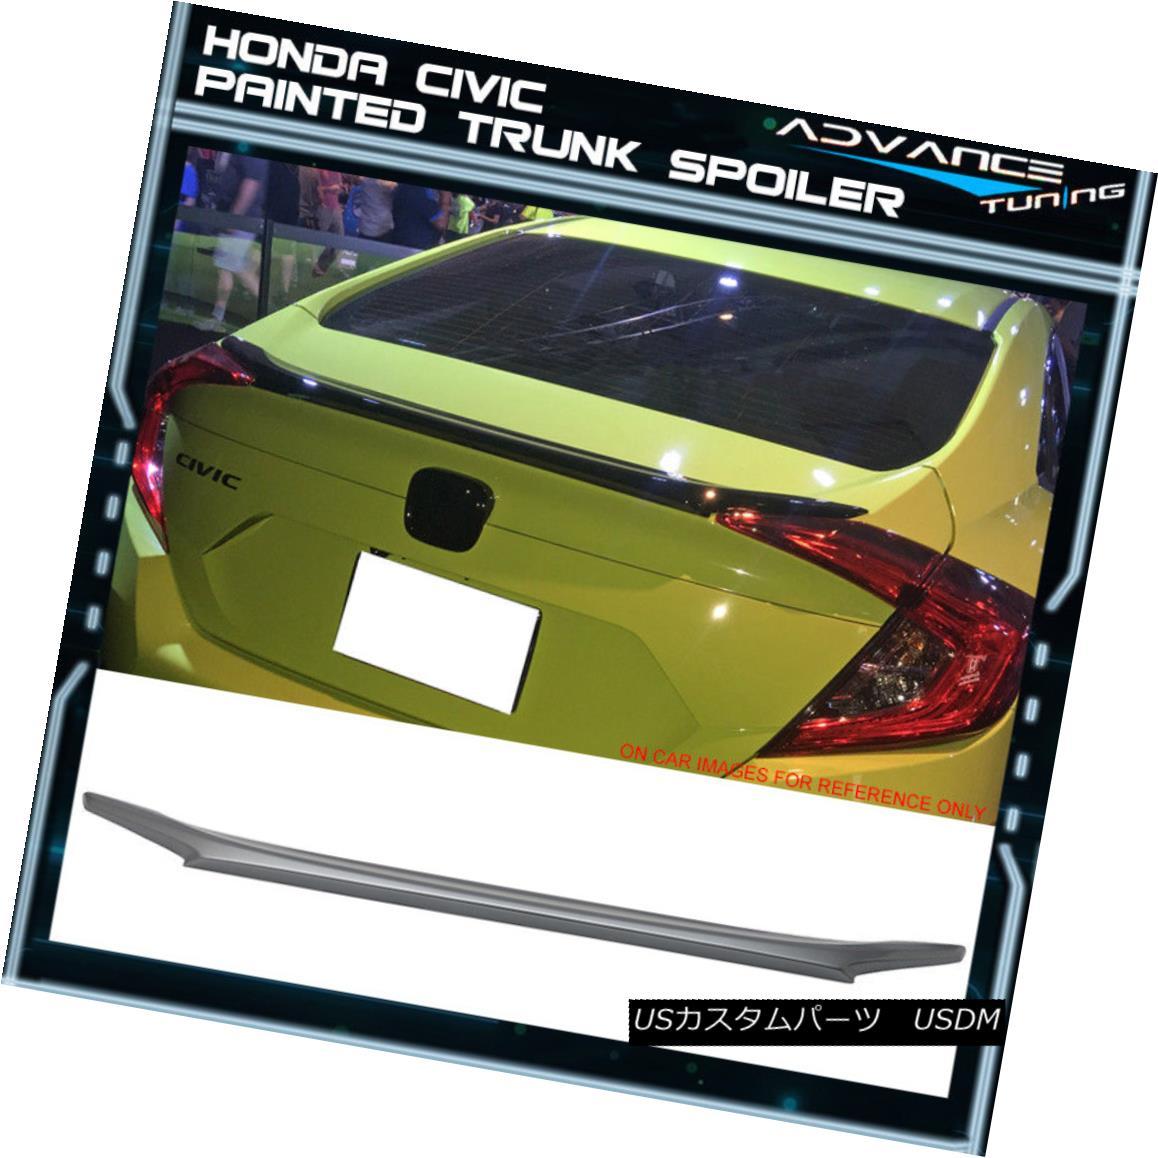 エアロパーツ 16-18 Honda Civic Sedan Trunk Spoiler OEM Painted #NH830M Lunar Silver Metallic 16-18ホンダシビックセダントランクスポイラーOEM塗装済み#NH830Mルナシルバーメタリック